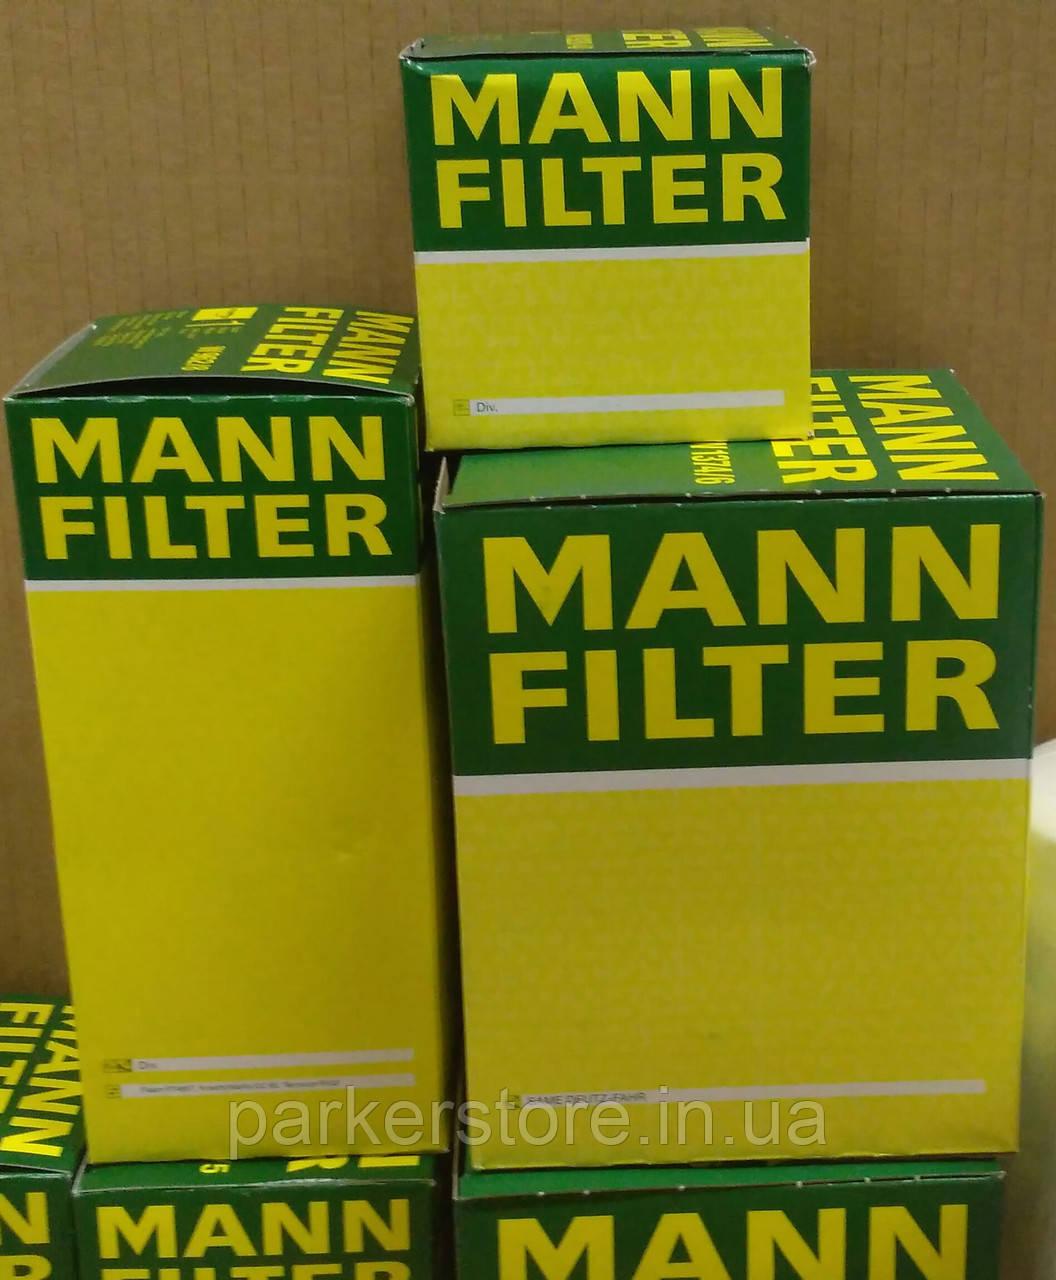 MANN FILTER / Воздушный фильтр / C 25 101/1 / C25101/1